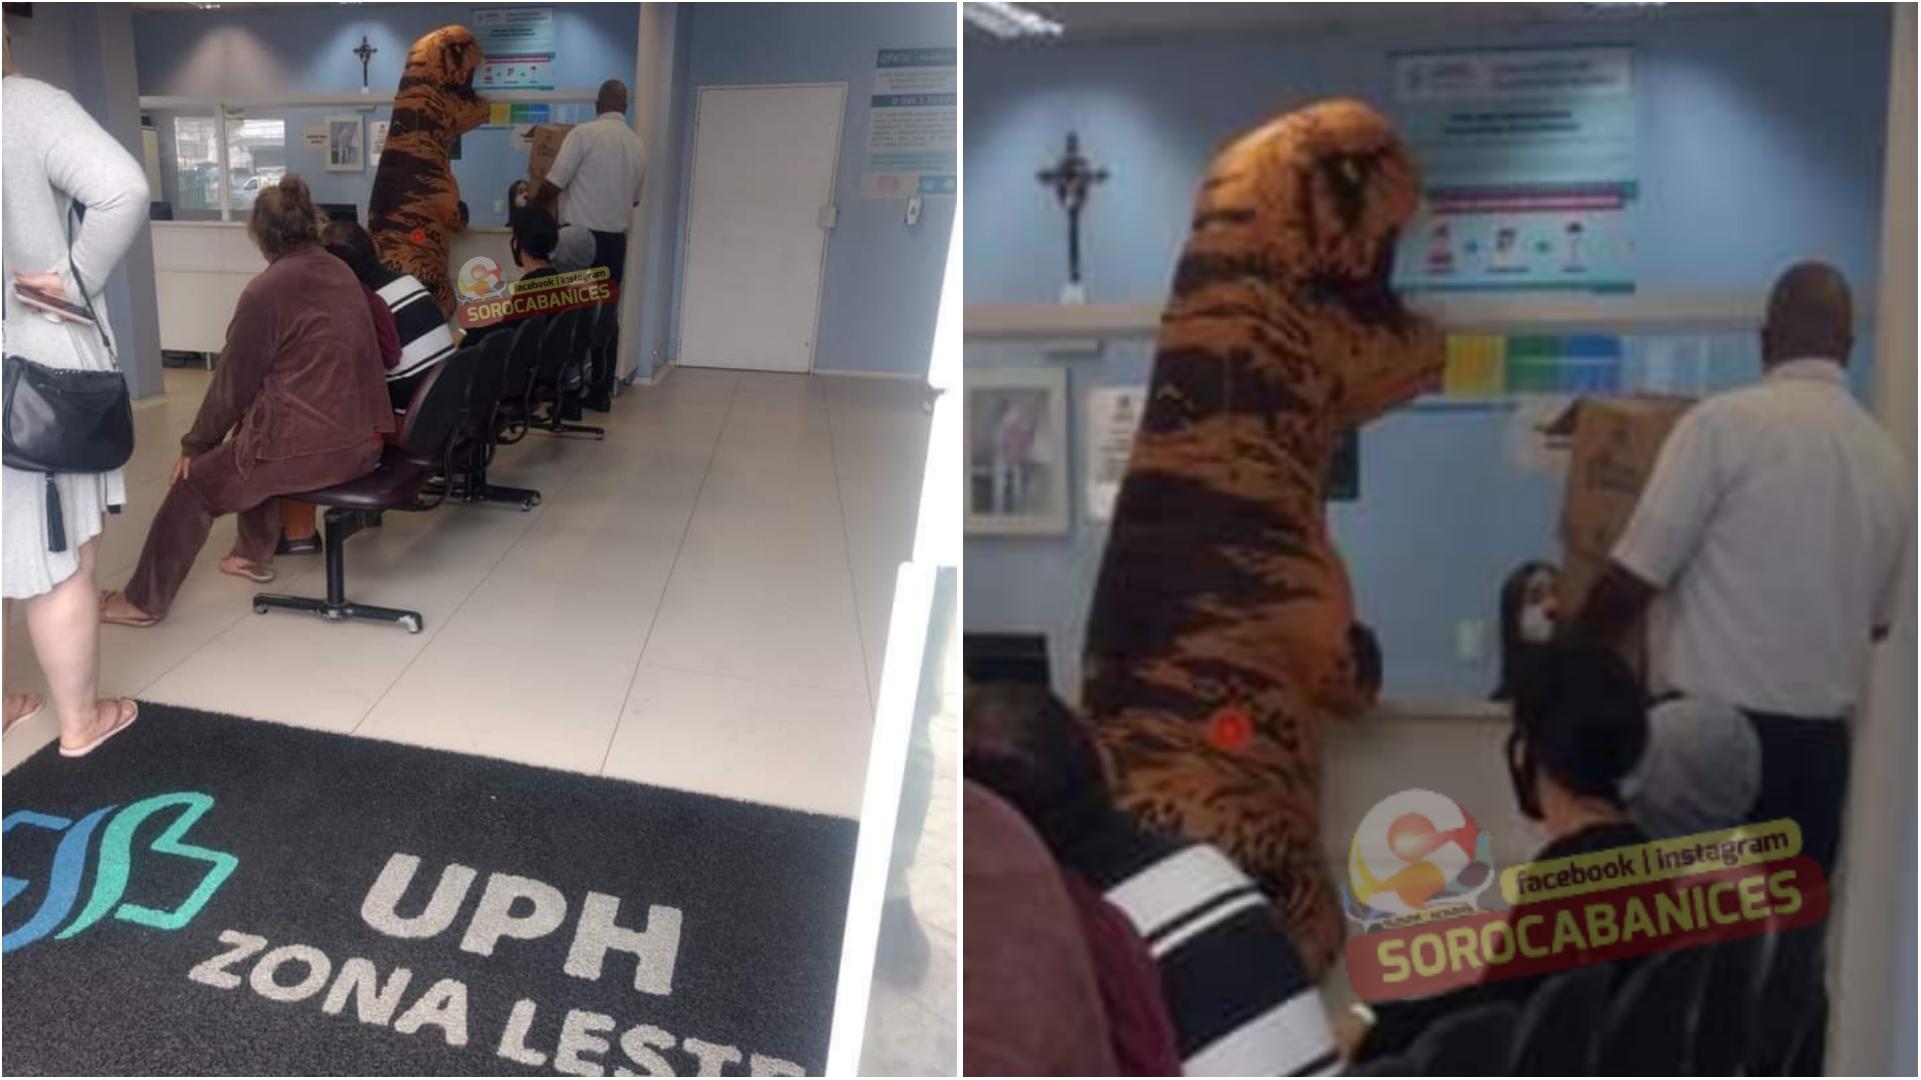 'Dinossauro' é flagrado na recepção da UPH Zona Leste de Sorocaba